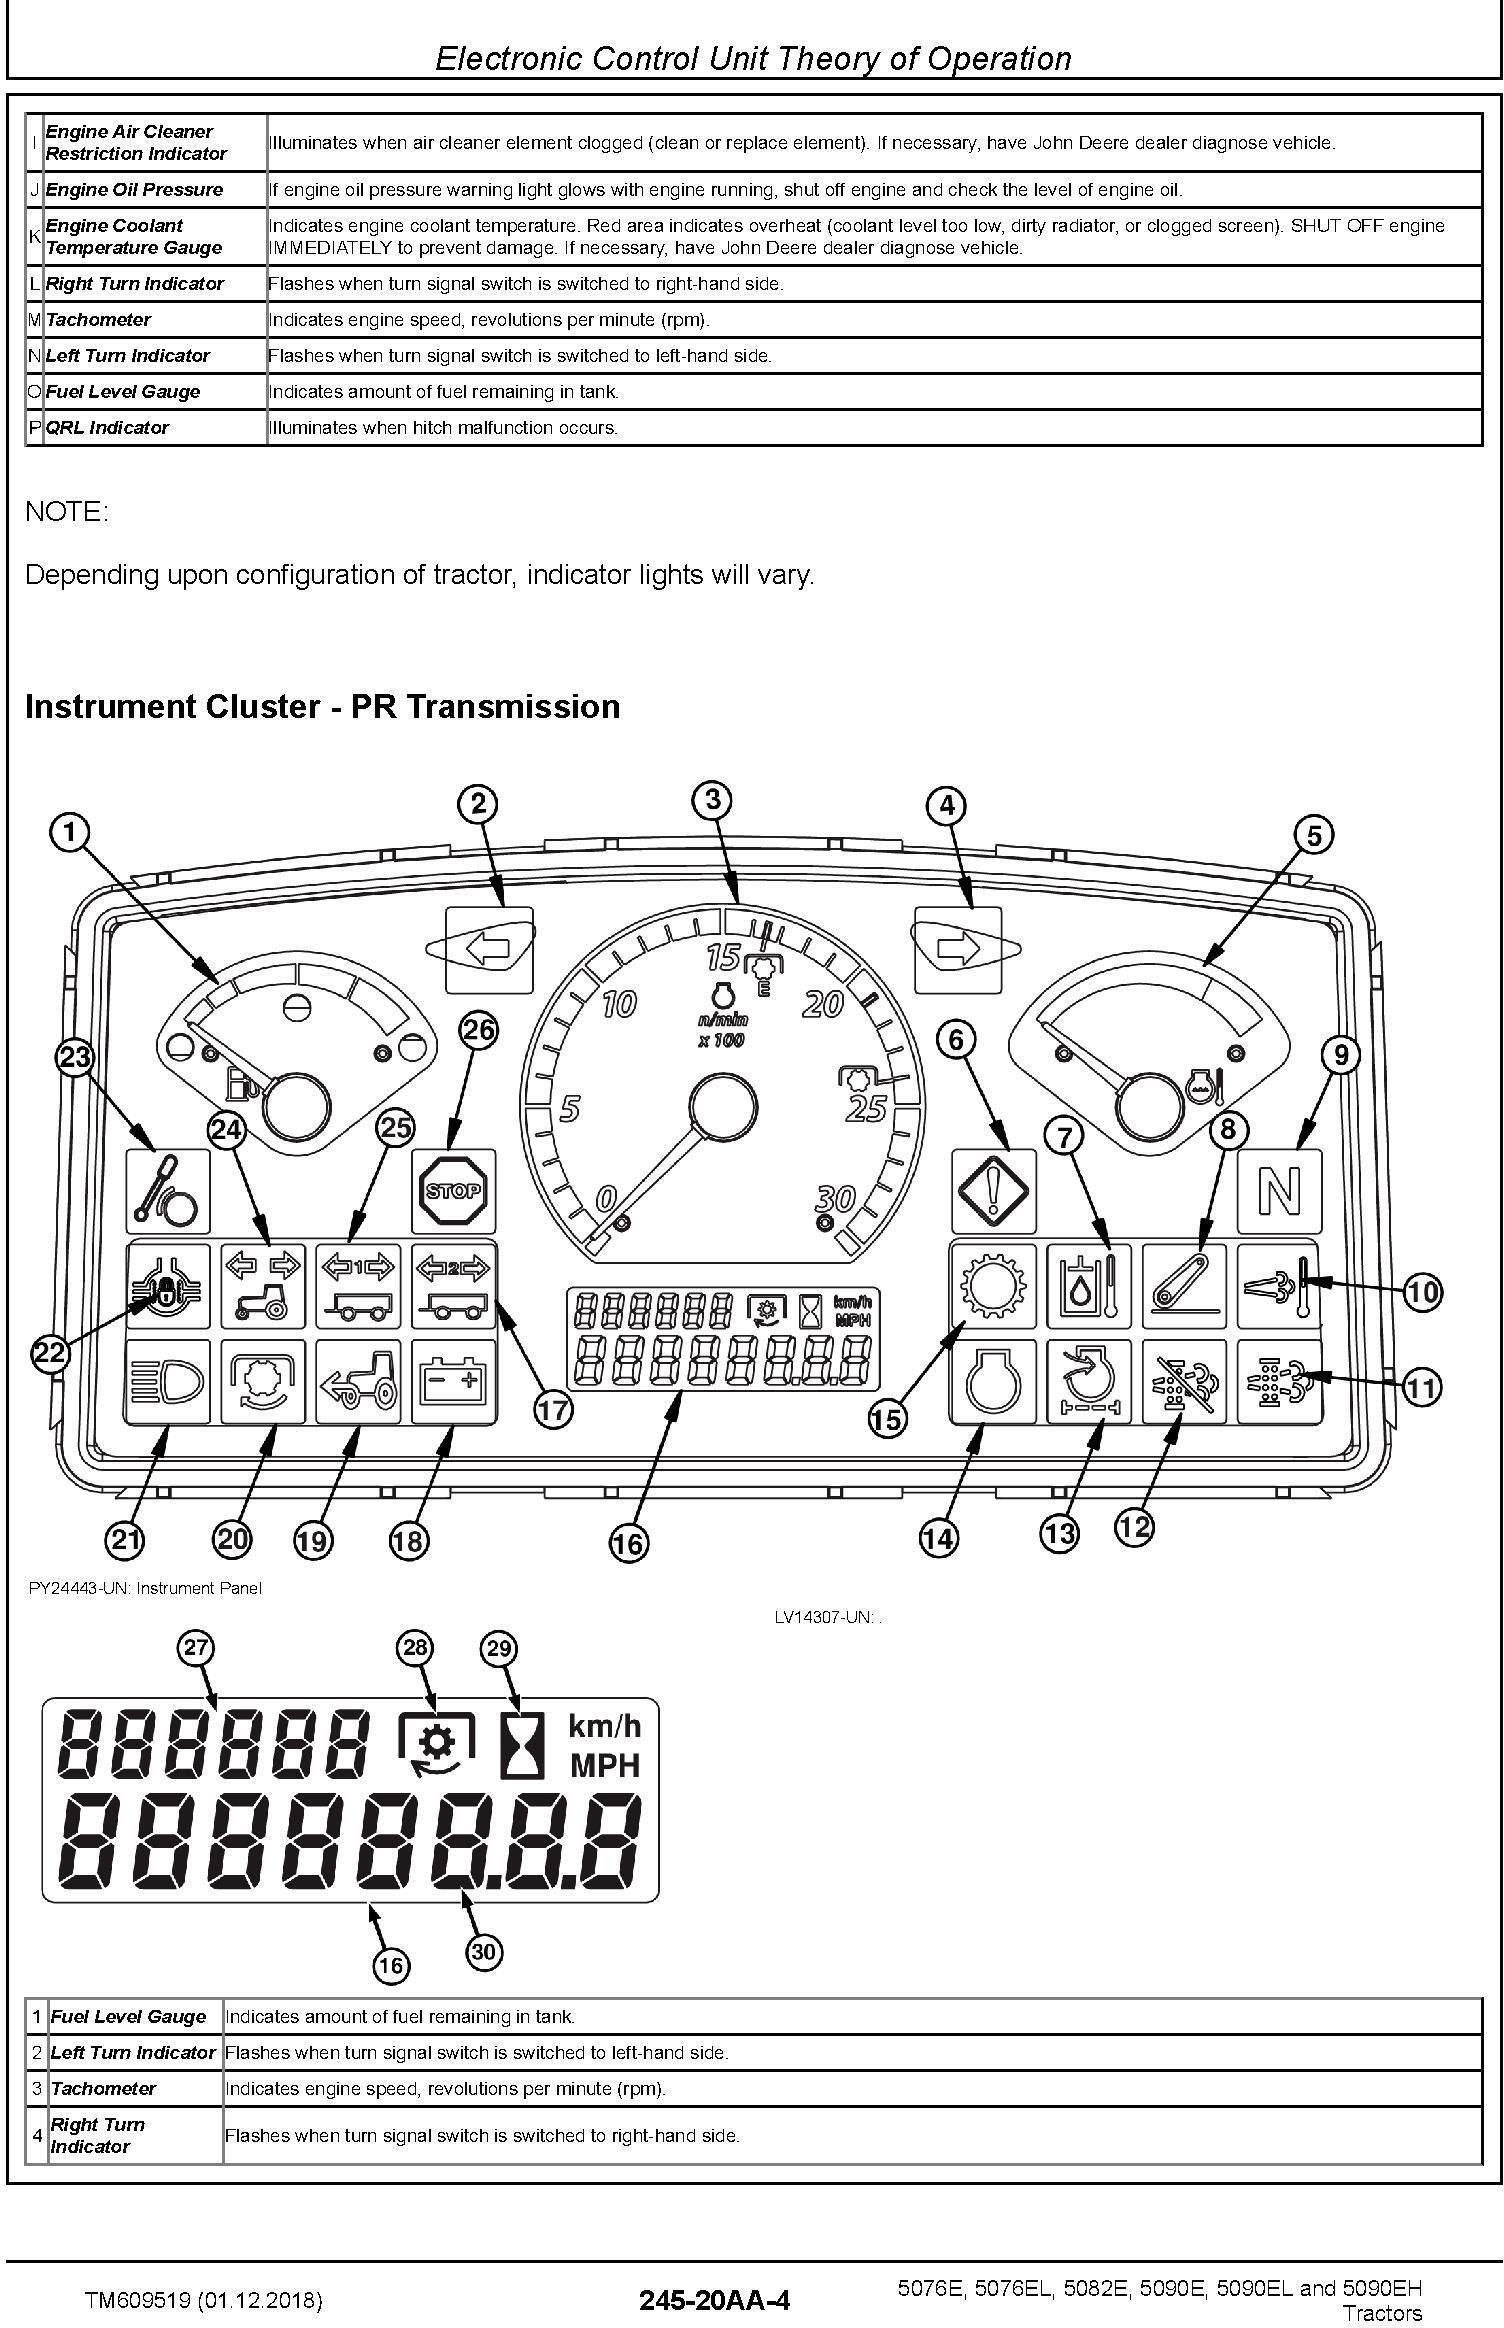 John Deere 5076E,5076EL, 5082E, 5090E, 5090EL,5090EH Tractors Diagnostic Technical Manual (TM609519) - 2